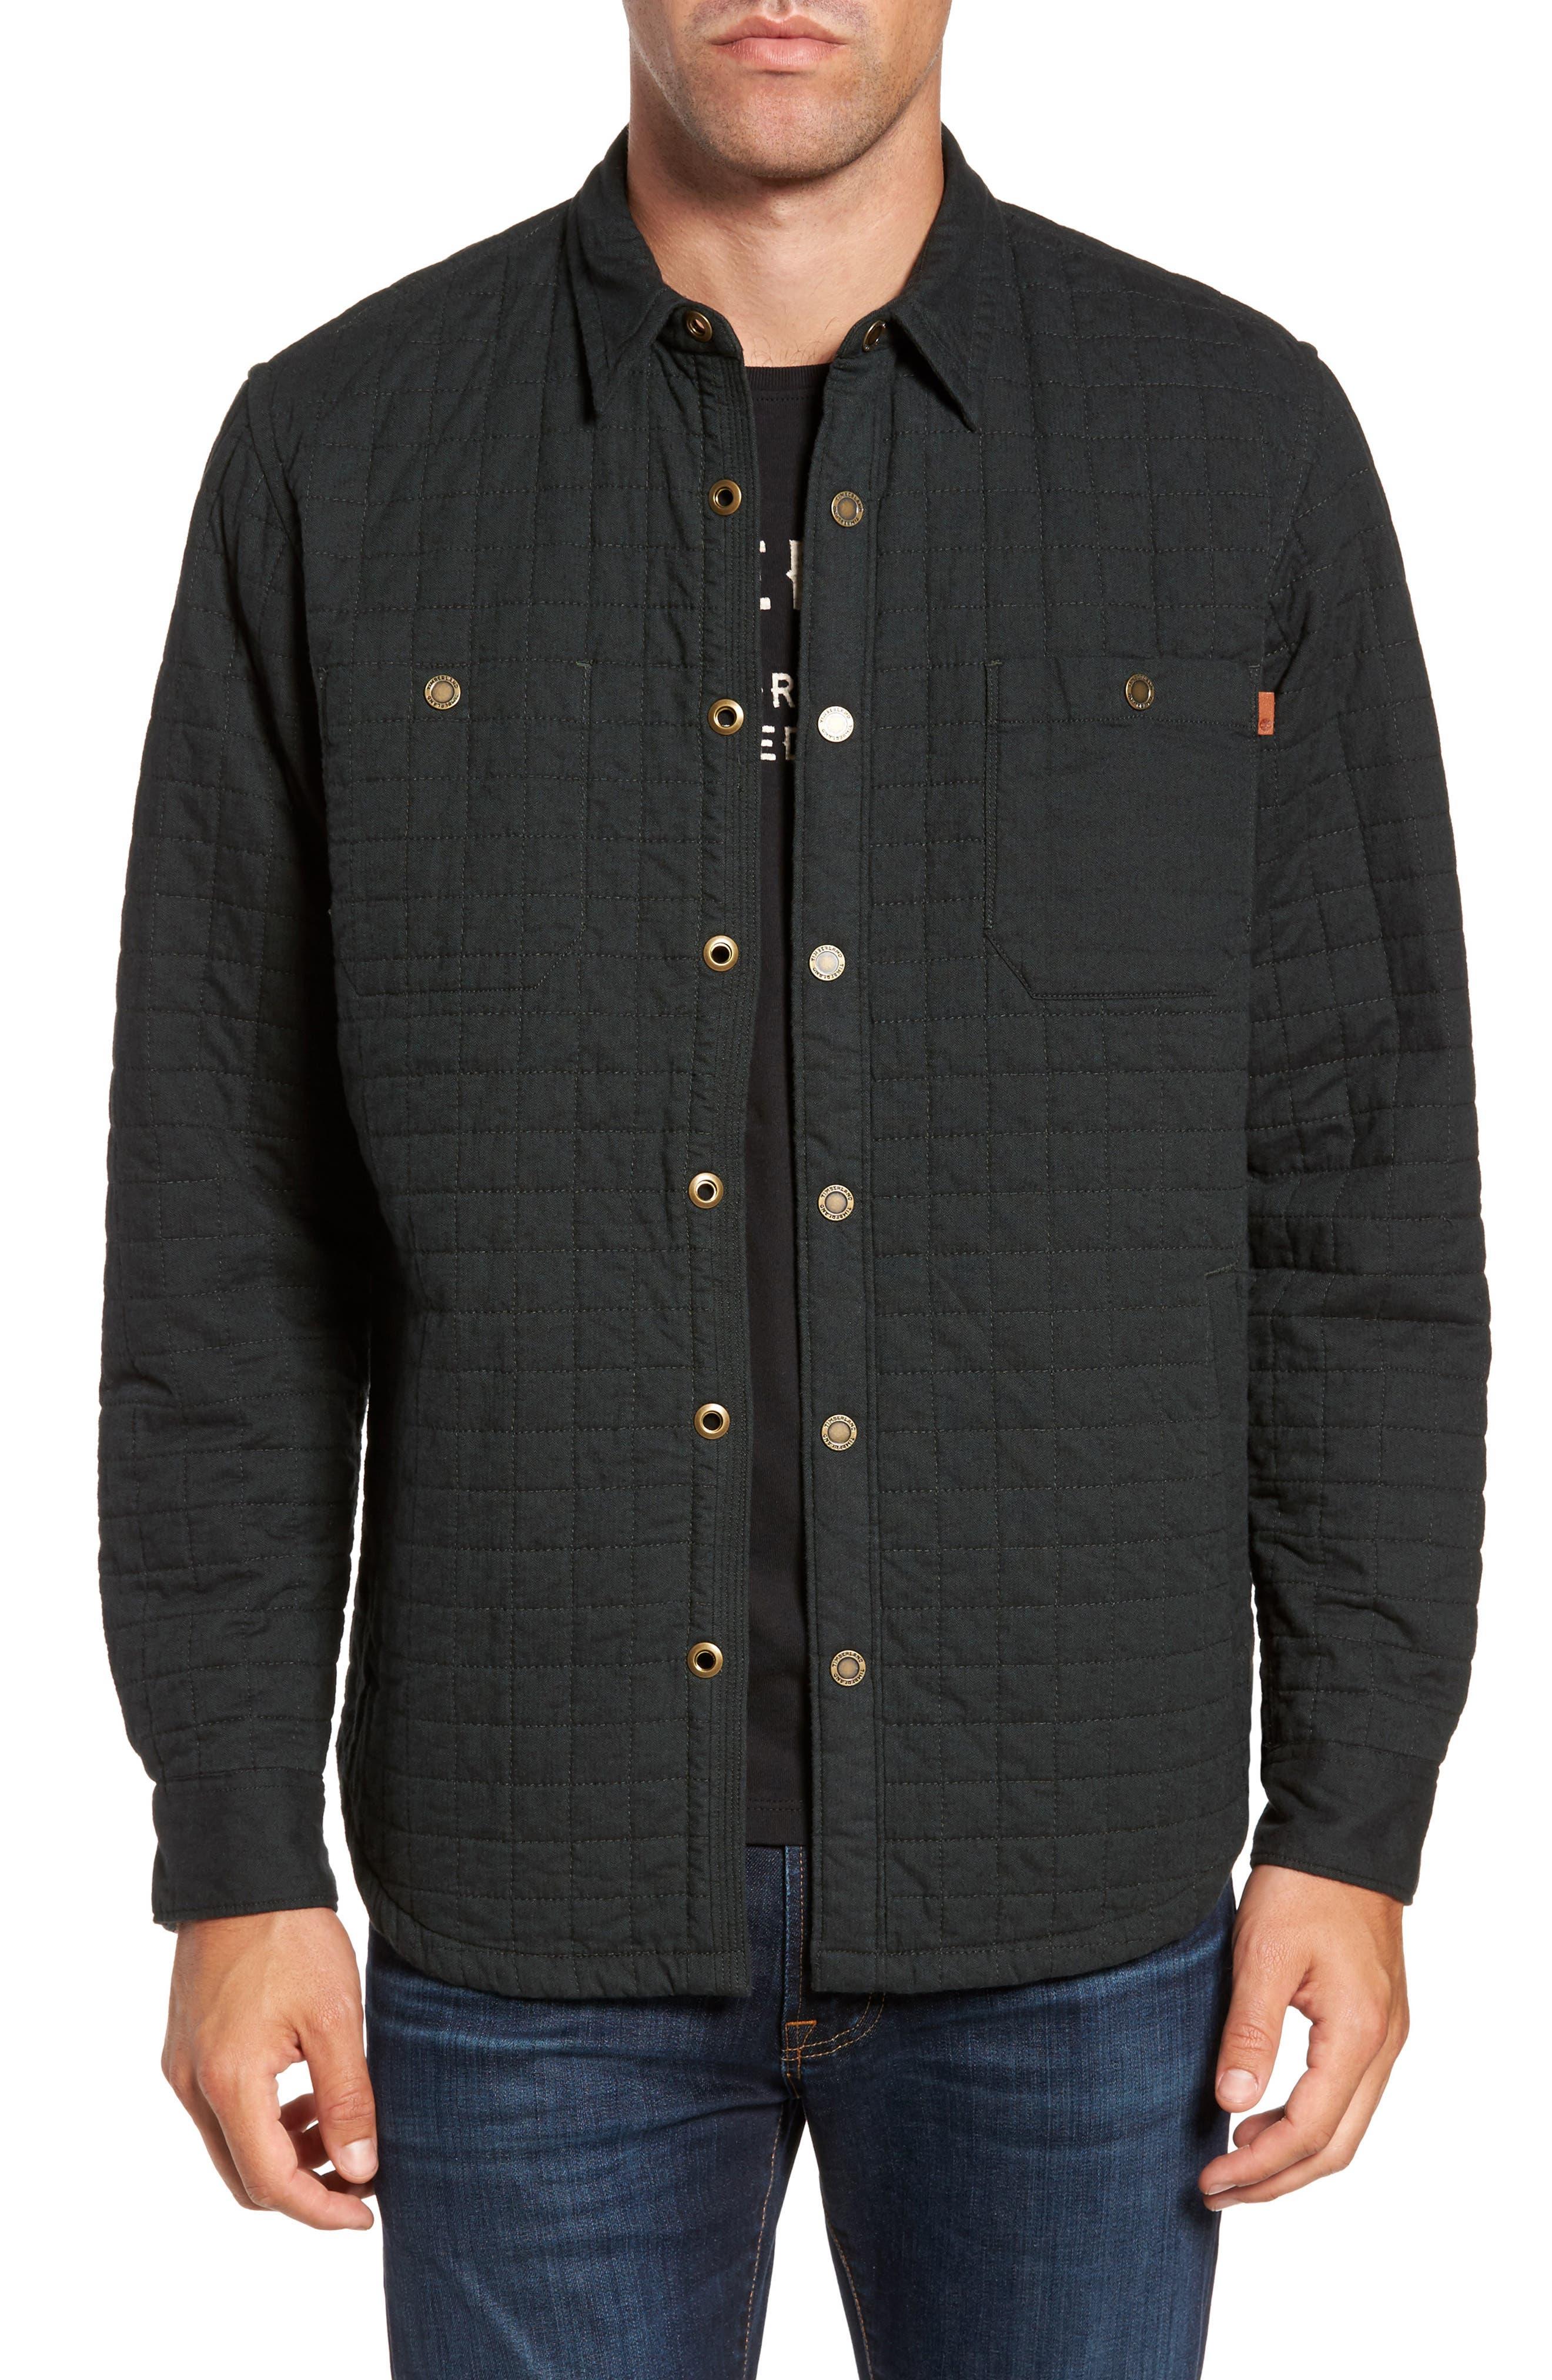 Timberland Gunstock River Lightweight Quilted Shirt Jacket